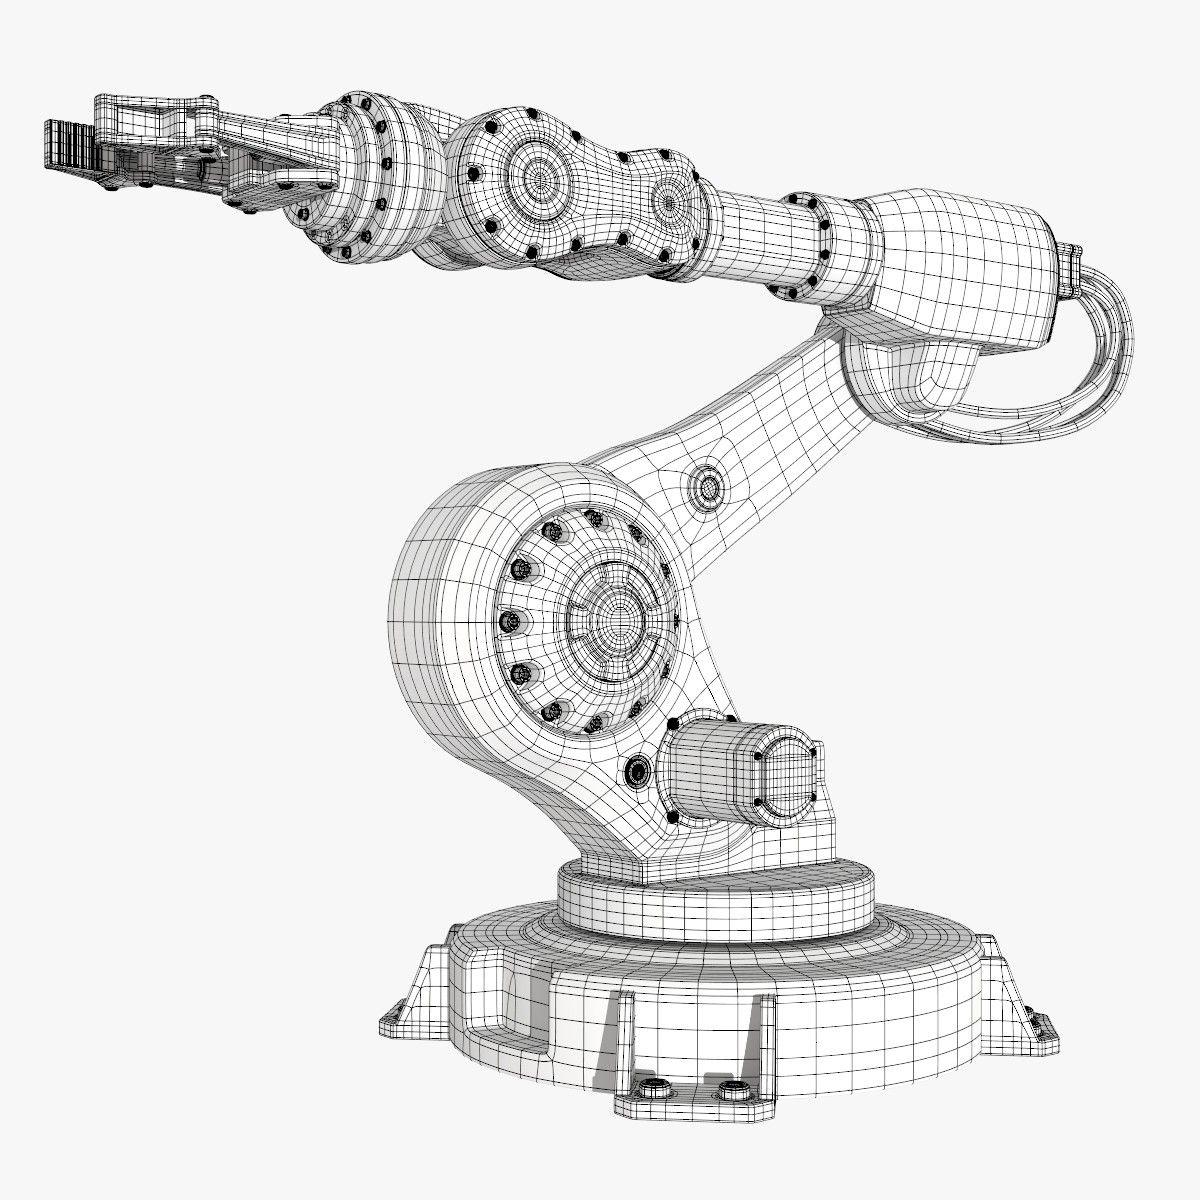 Fbx Industrial Robot Modeled Inspirational